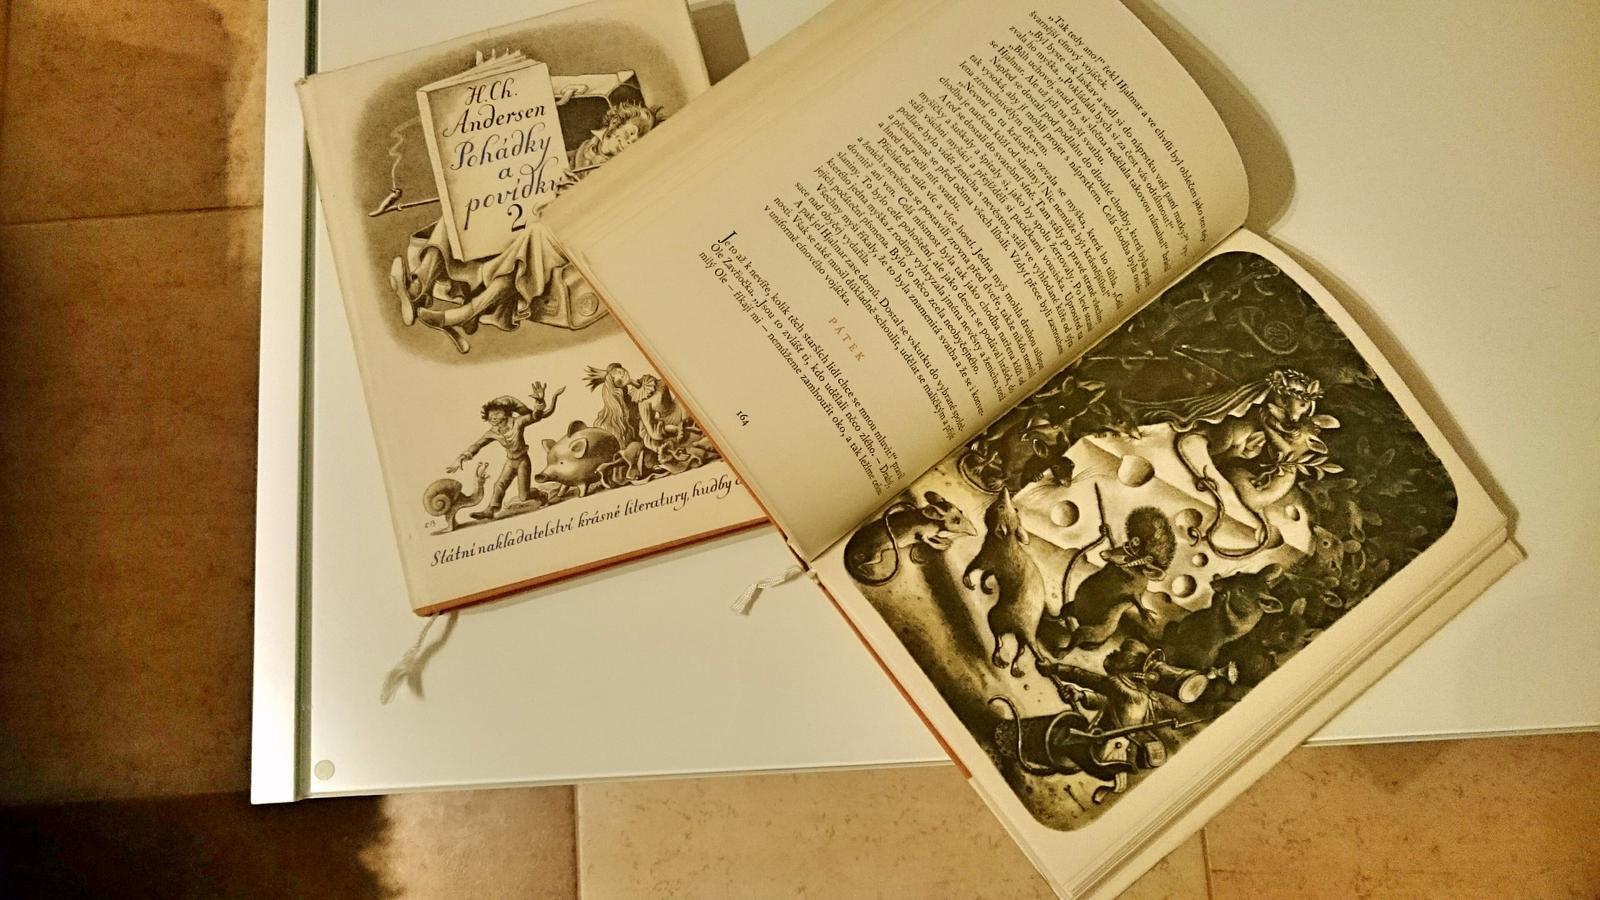 Čtení - Pohádky a povídky 1,2 jsou doma a v perfektním stavu :-)